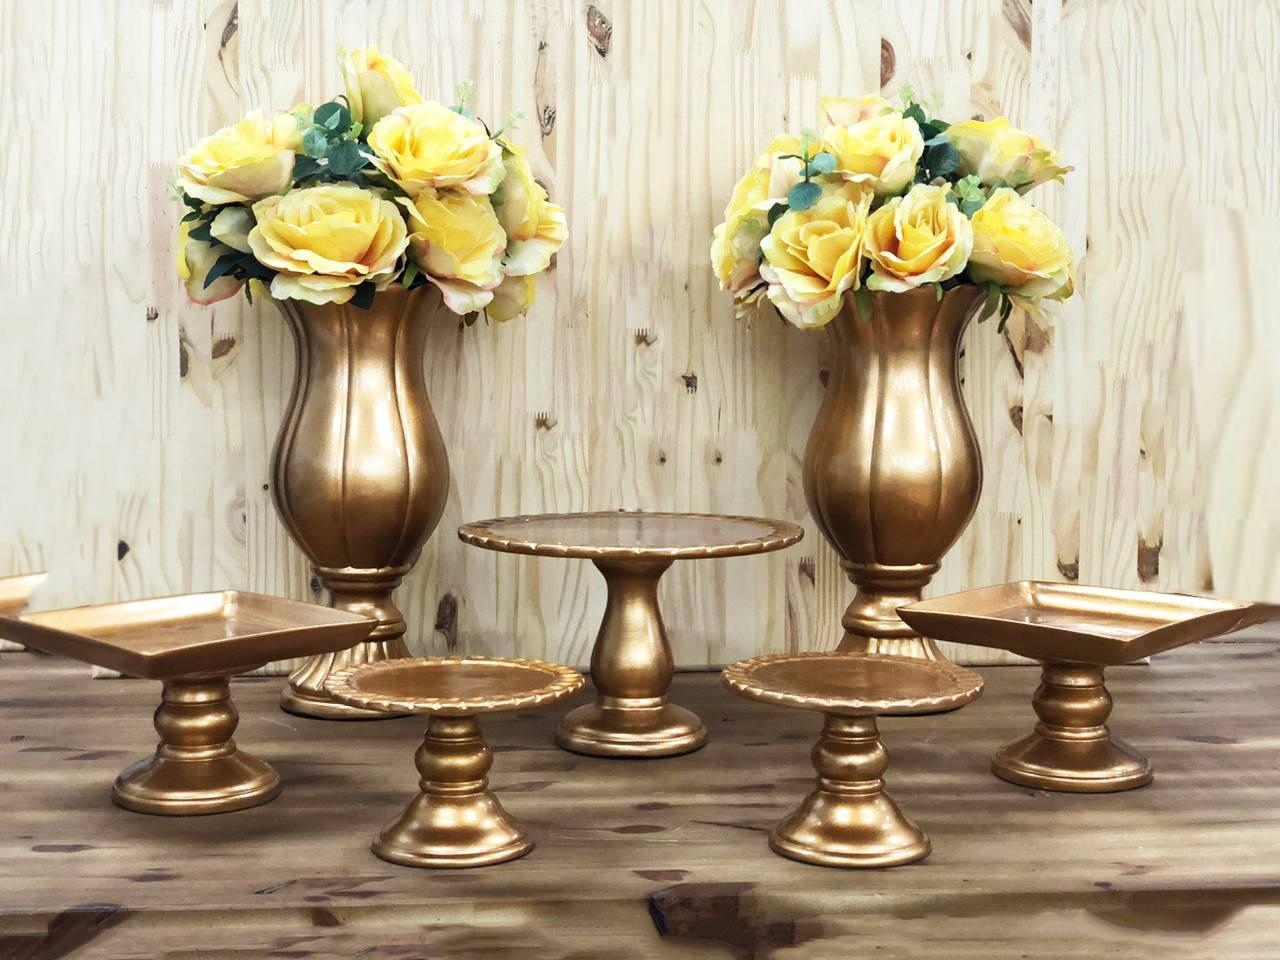 Kit Festa em Cerâmica Cor Dourado com 7 Peças, com Taças, Boleiras e Doceiras